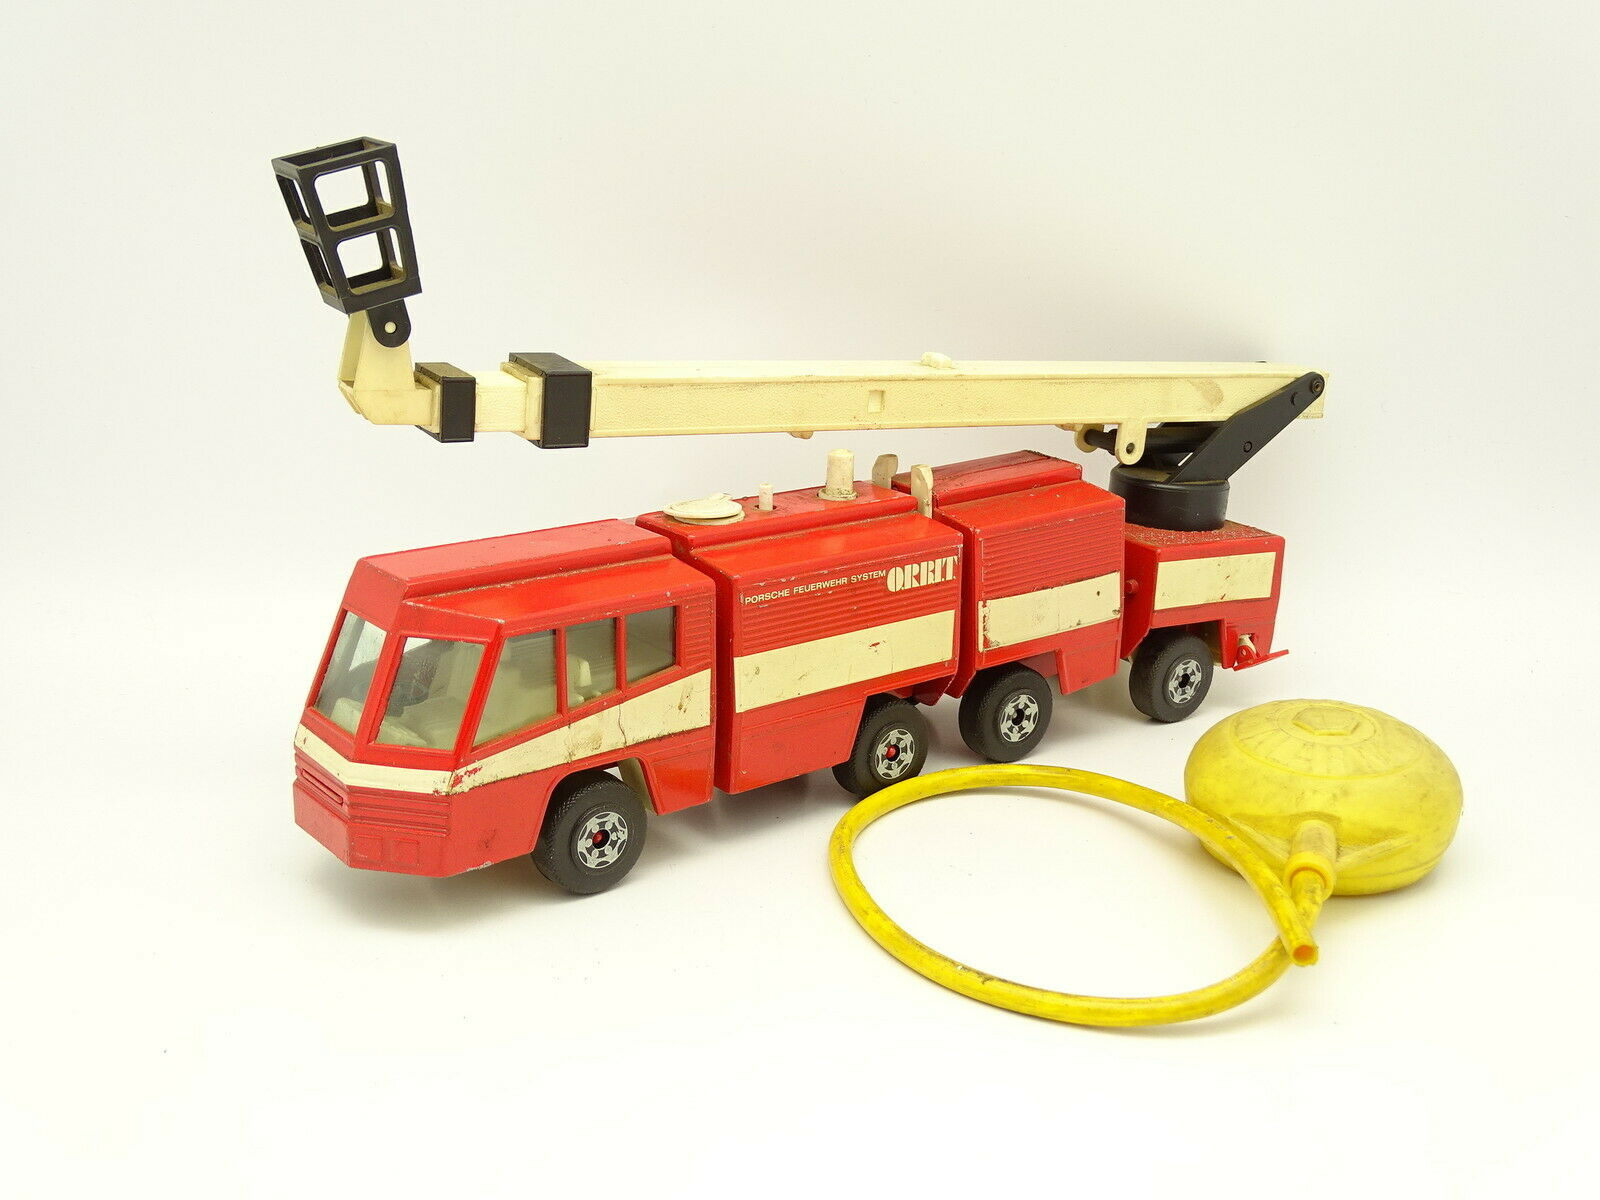 Gama 1 40 - Vision 2000 Porsche Feuerwehr Orbit Feuerwehr